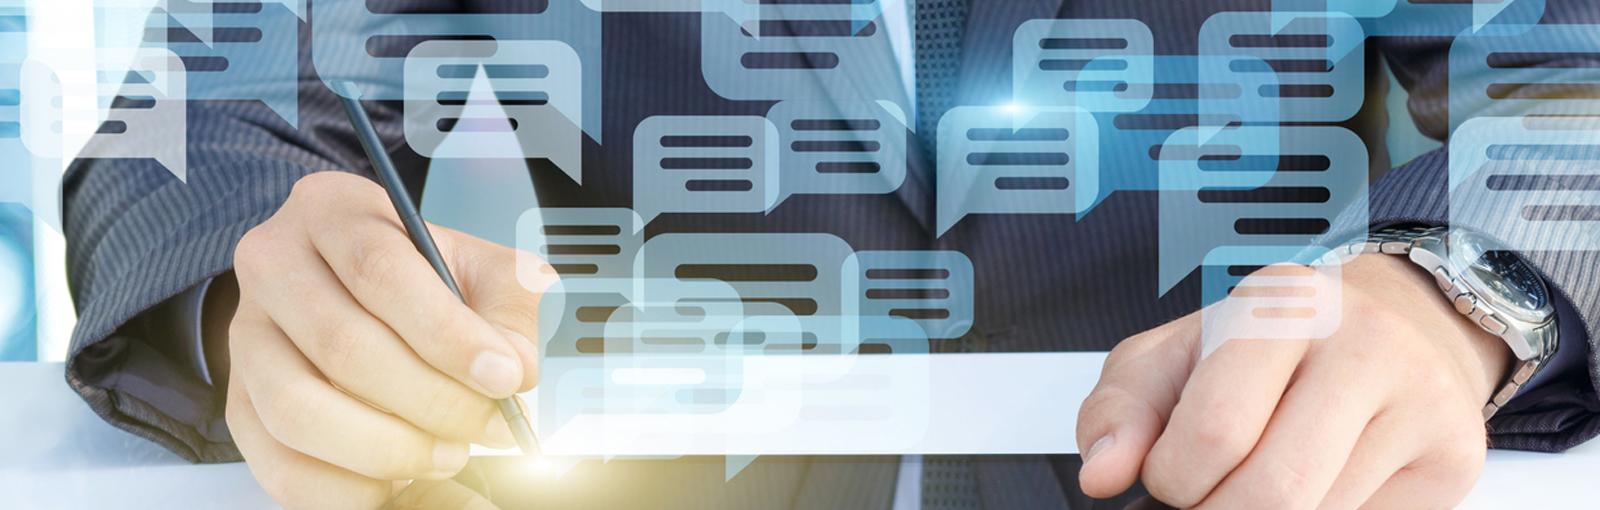 Wat verandert er nu concreet met het nieuwe licentiemodel voor indirect gebruik van SAP?